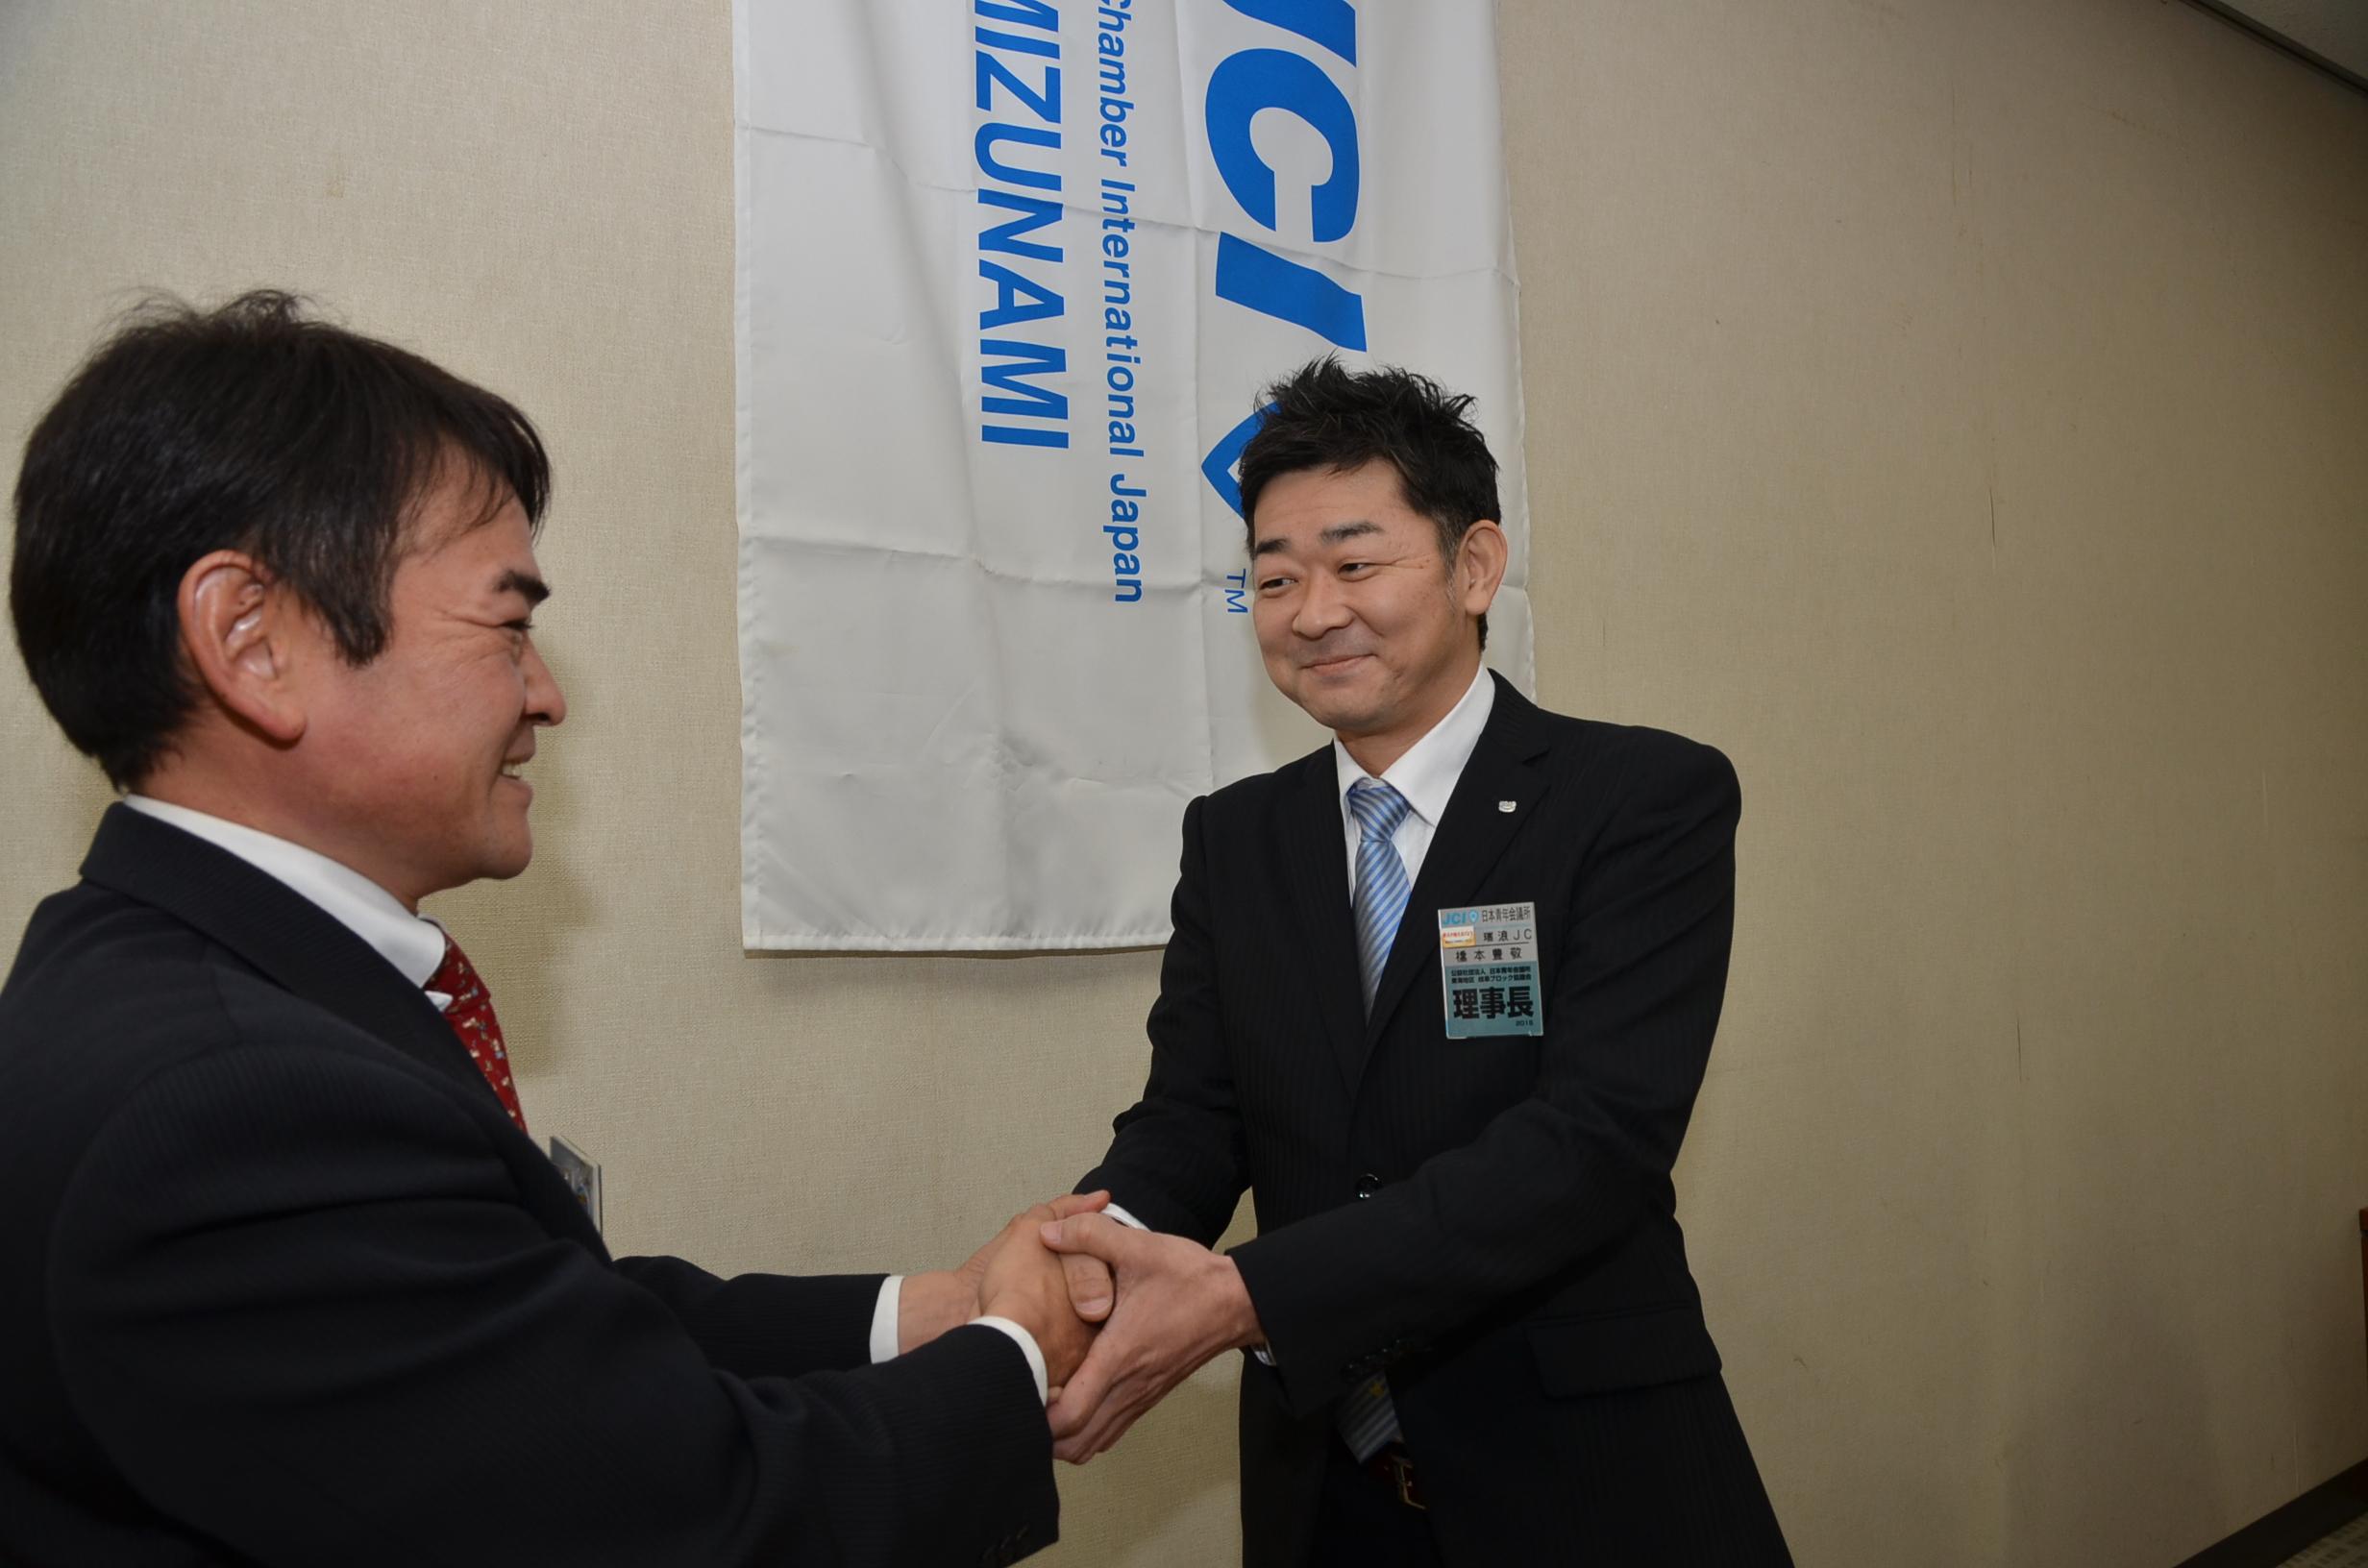 辻作品(Jc|女子中学生)  瑞浪JCは、日本青年会議所から、 昭和40(1965)年12月に、 全国で310番目の青年会議所として、承認を受けた。 今年、創立50周年を迎える。